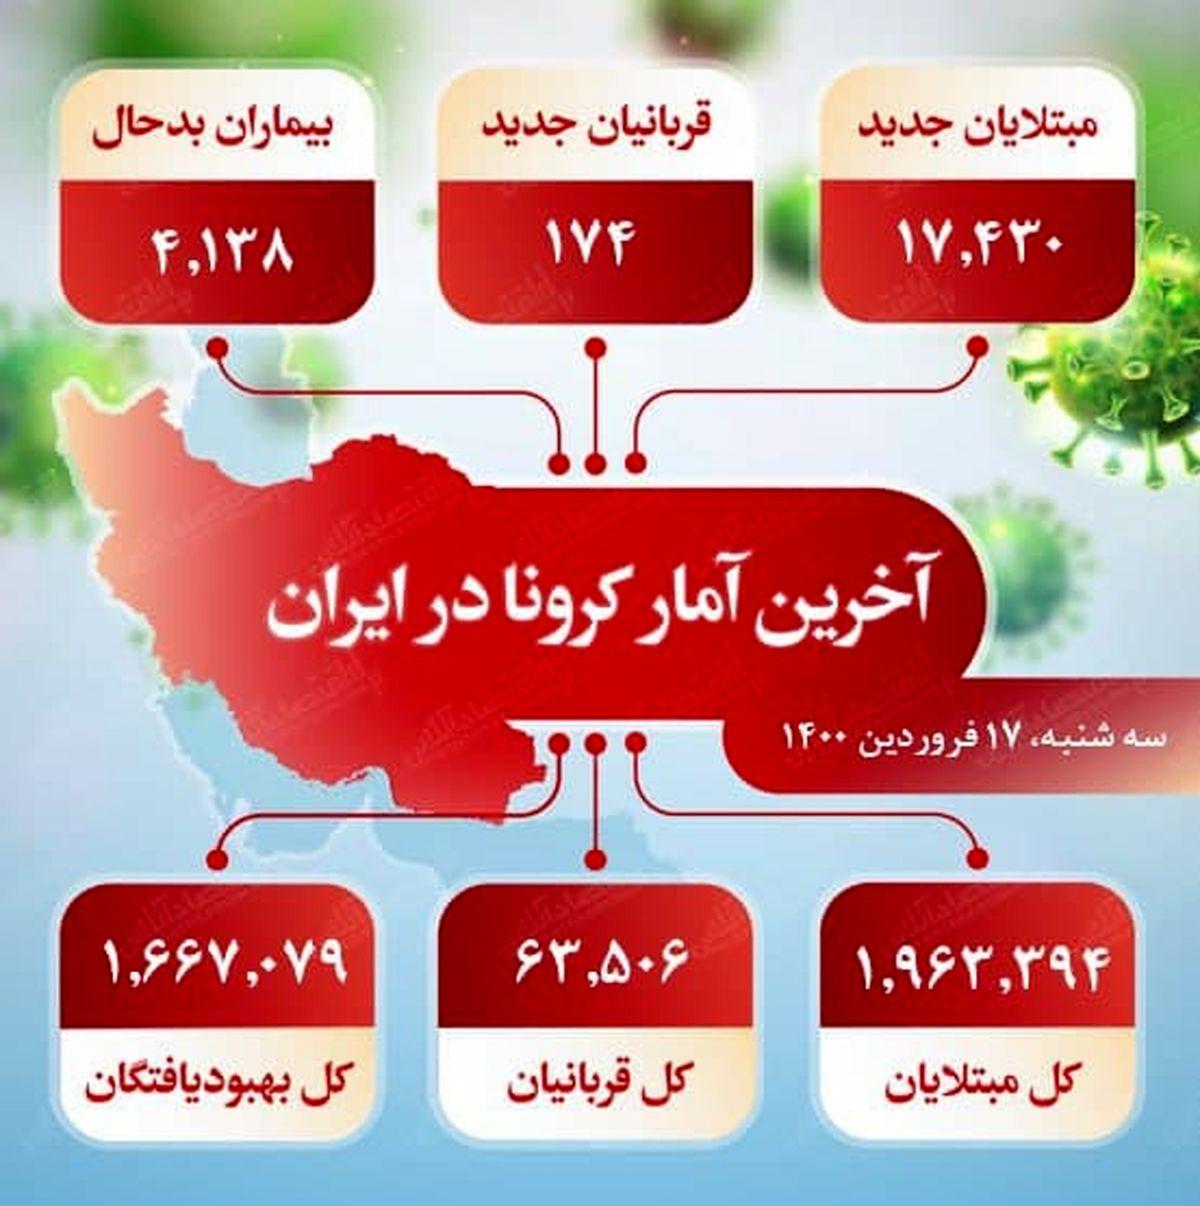 آخرین آمار کرونا در ایران (۱۴۰۰/۱/۱۷)